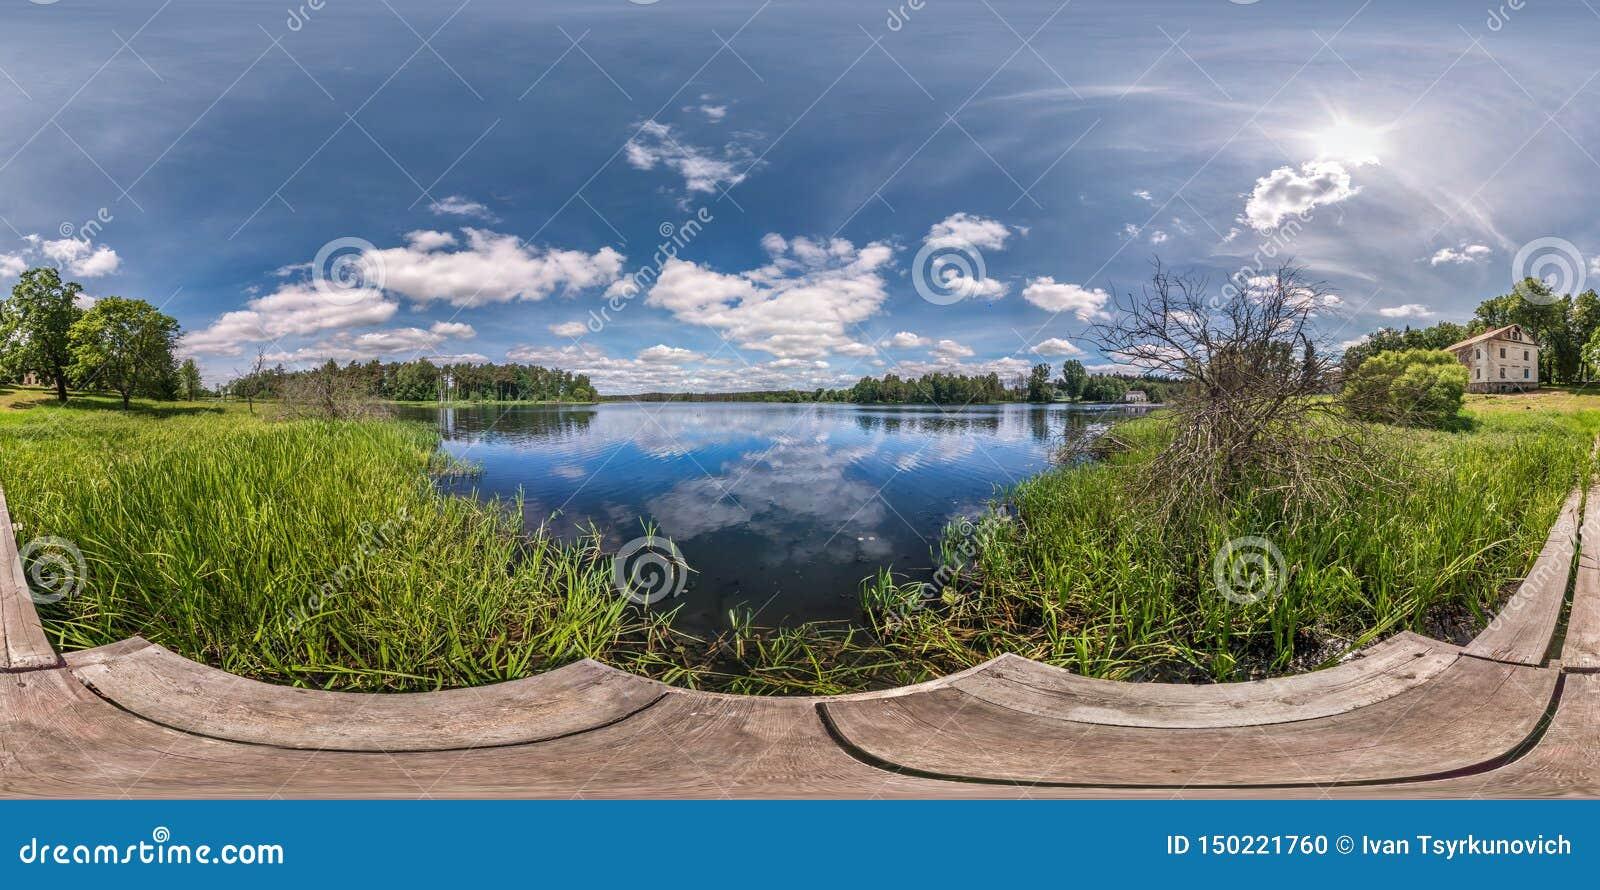 Full sömlös sfärisk hdripanorama 360 grader vinkelsikt på träpir av den enorma sjön eller floden i solig sommardag och blåsigt